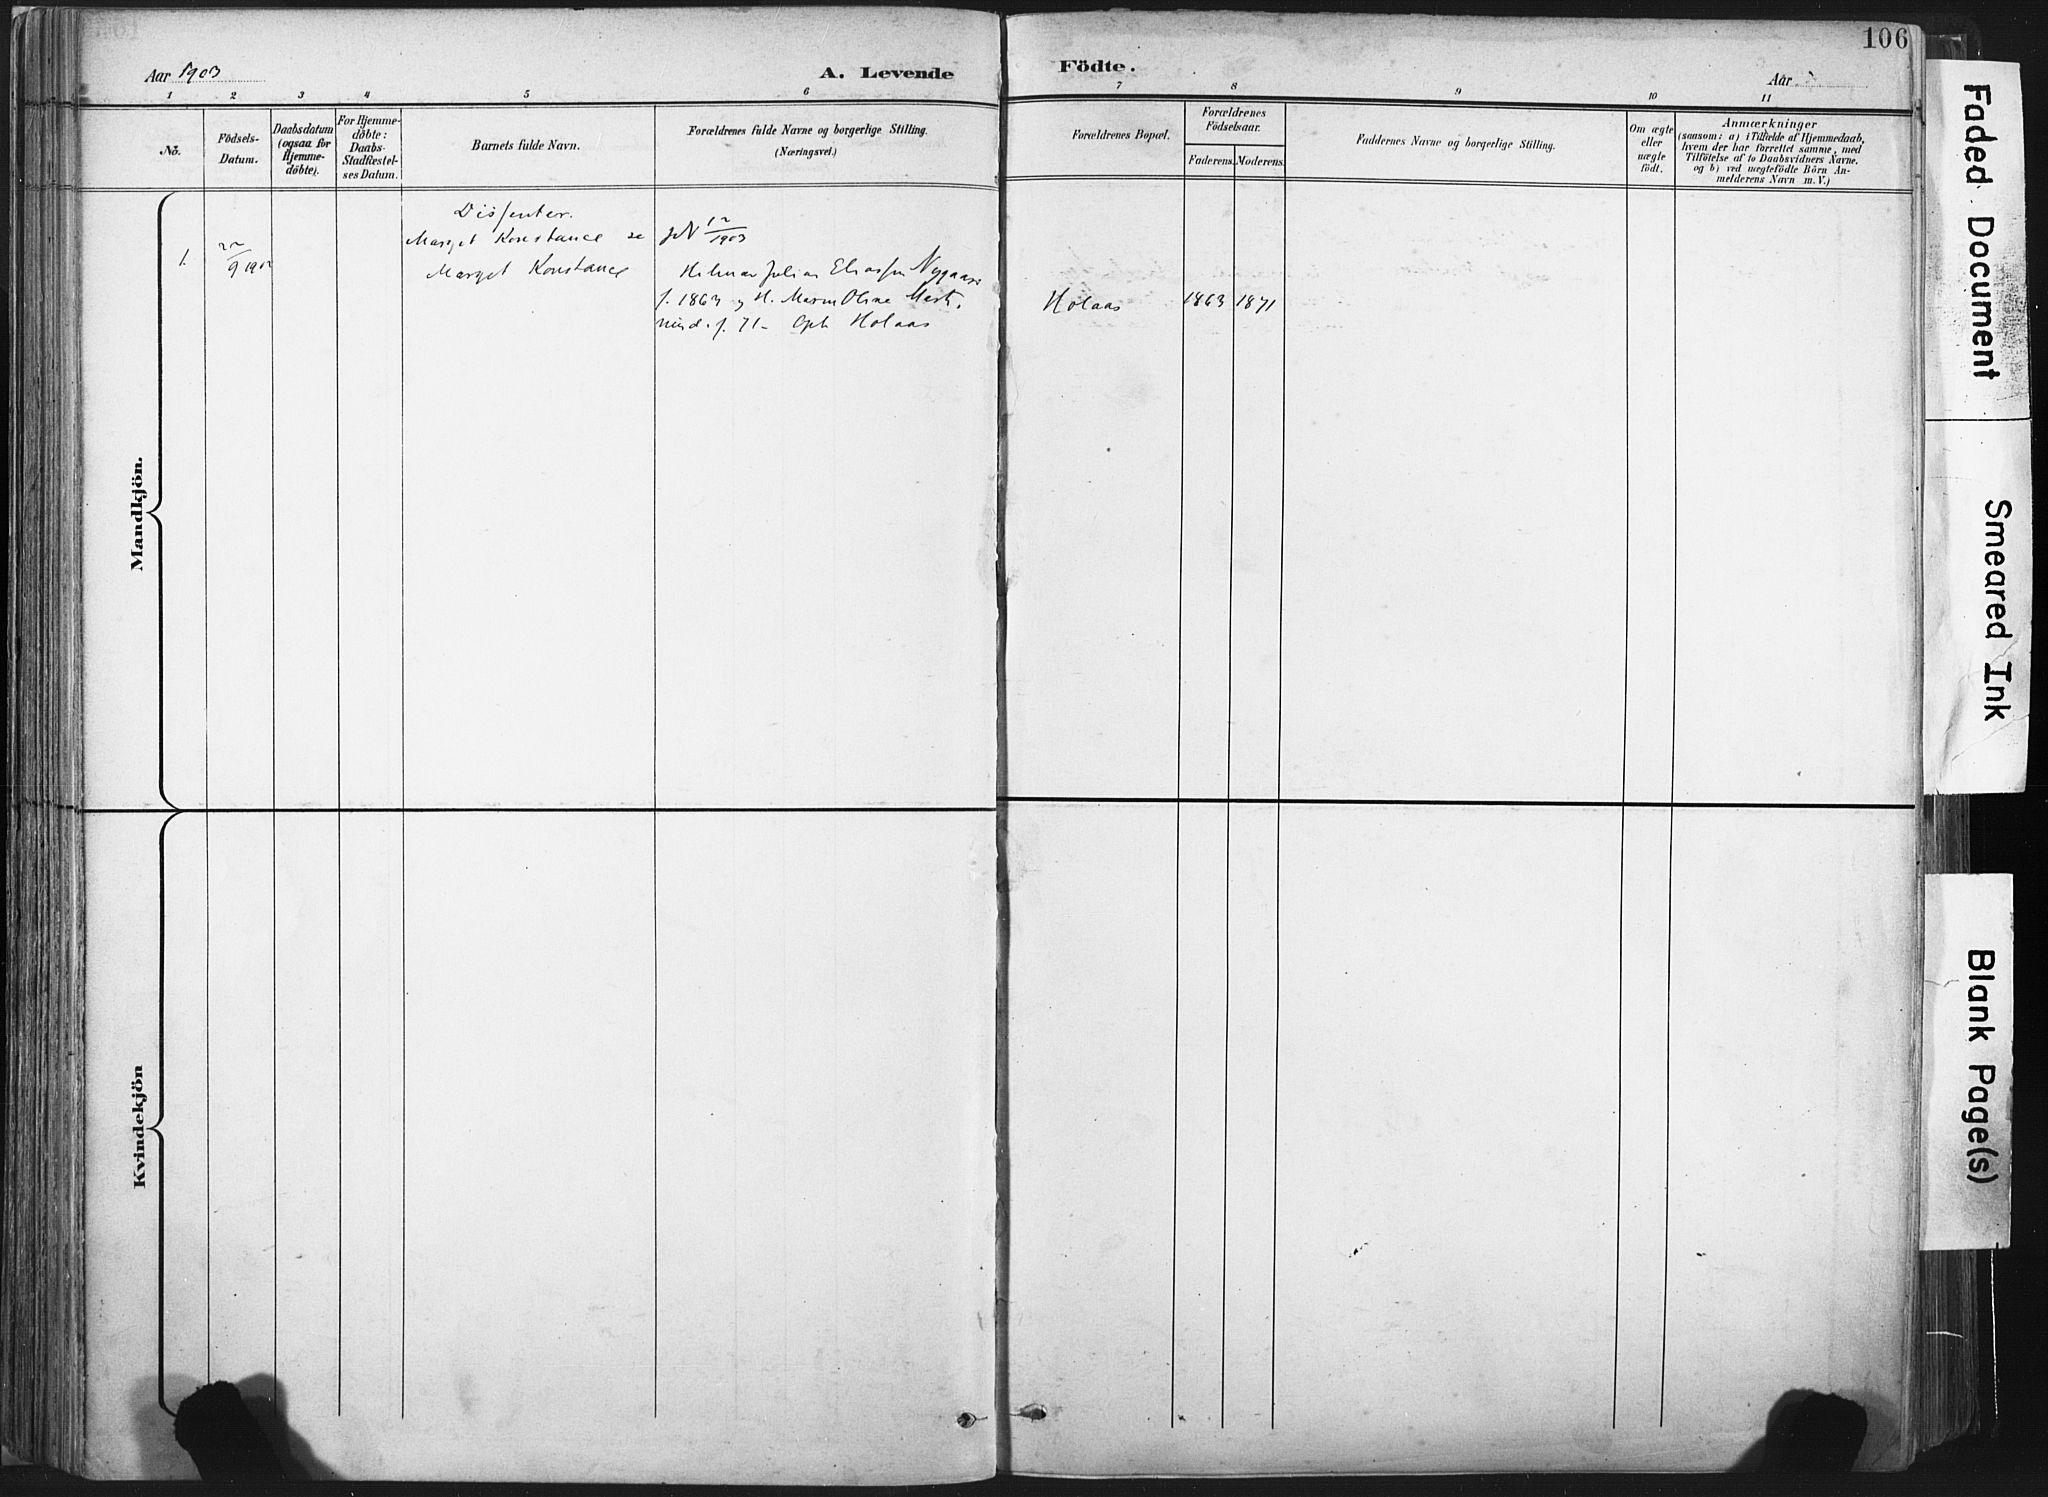 SAT, Ministerialprotokoller, klokkerbøker og fødselsregistre - Nord-Trøndelag, 717/L0162: Ministerialbok nr. 717A12, 1898-1923, s. 106